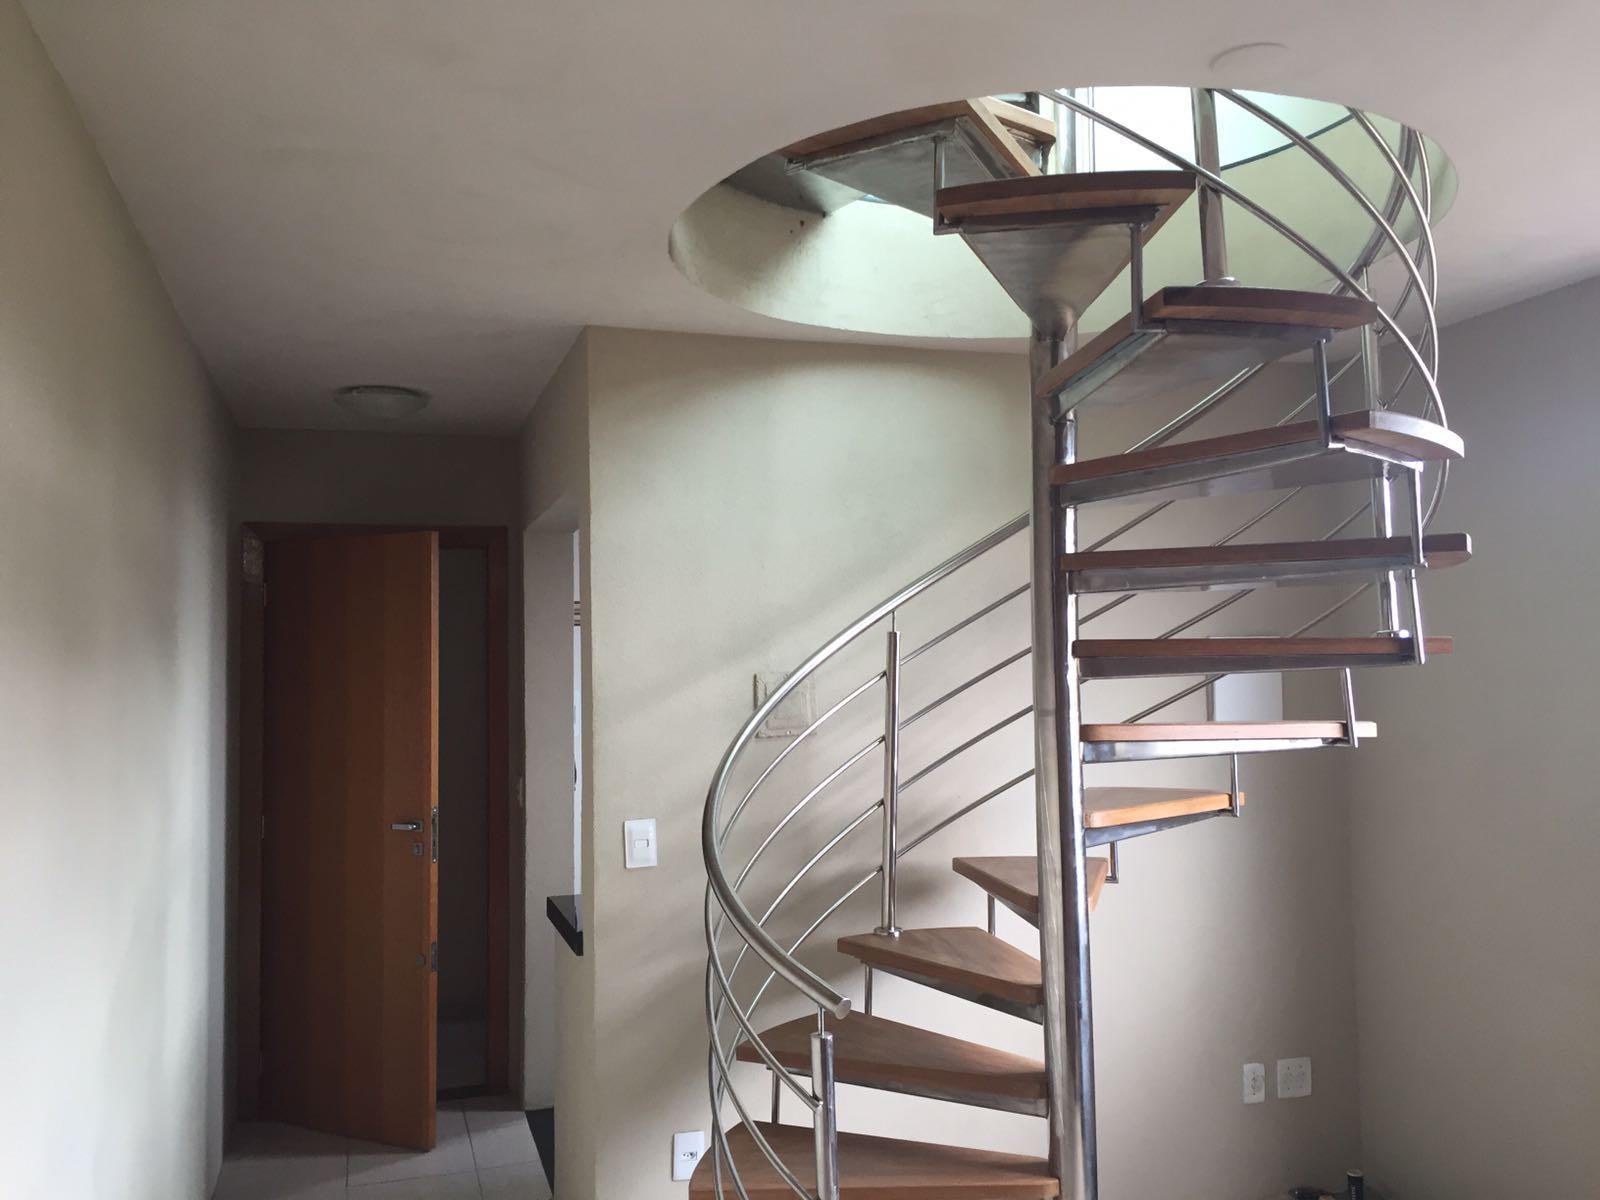 BRA- Apartamento em Belo Horizonte -MG